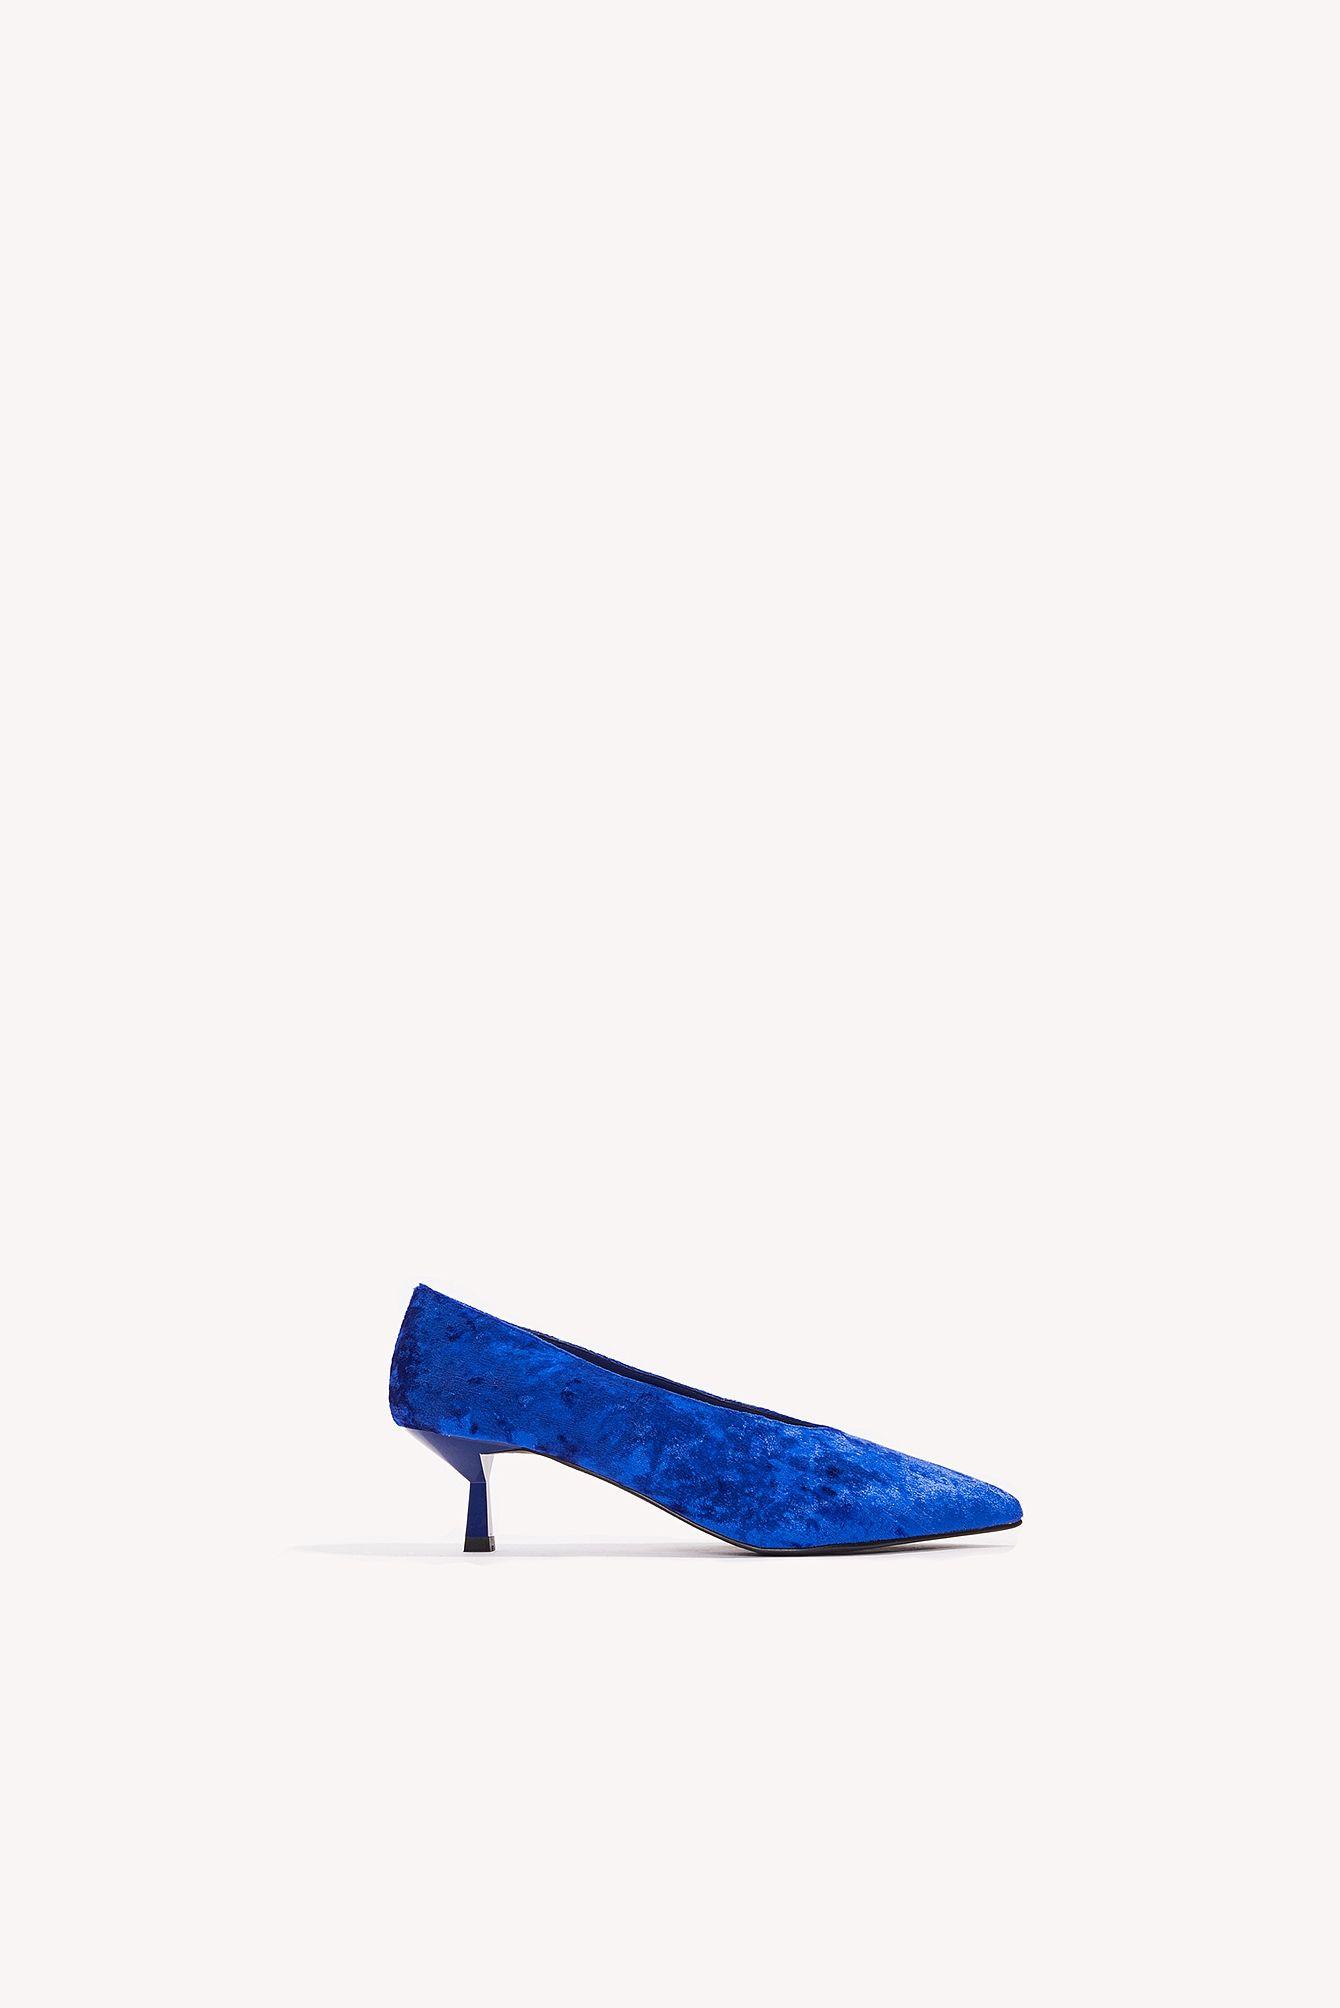 NA-KD Crushed Velvet Kitten Heel - Blue